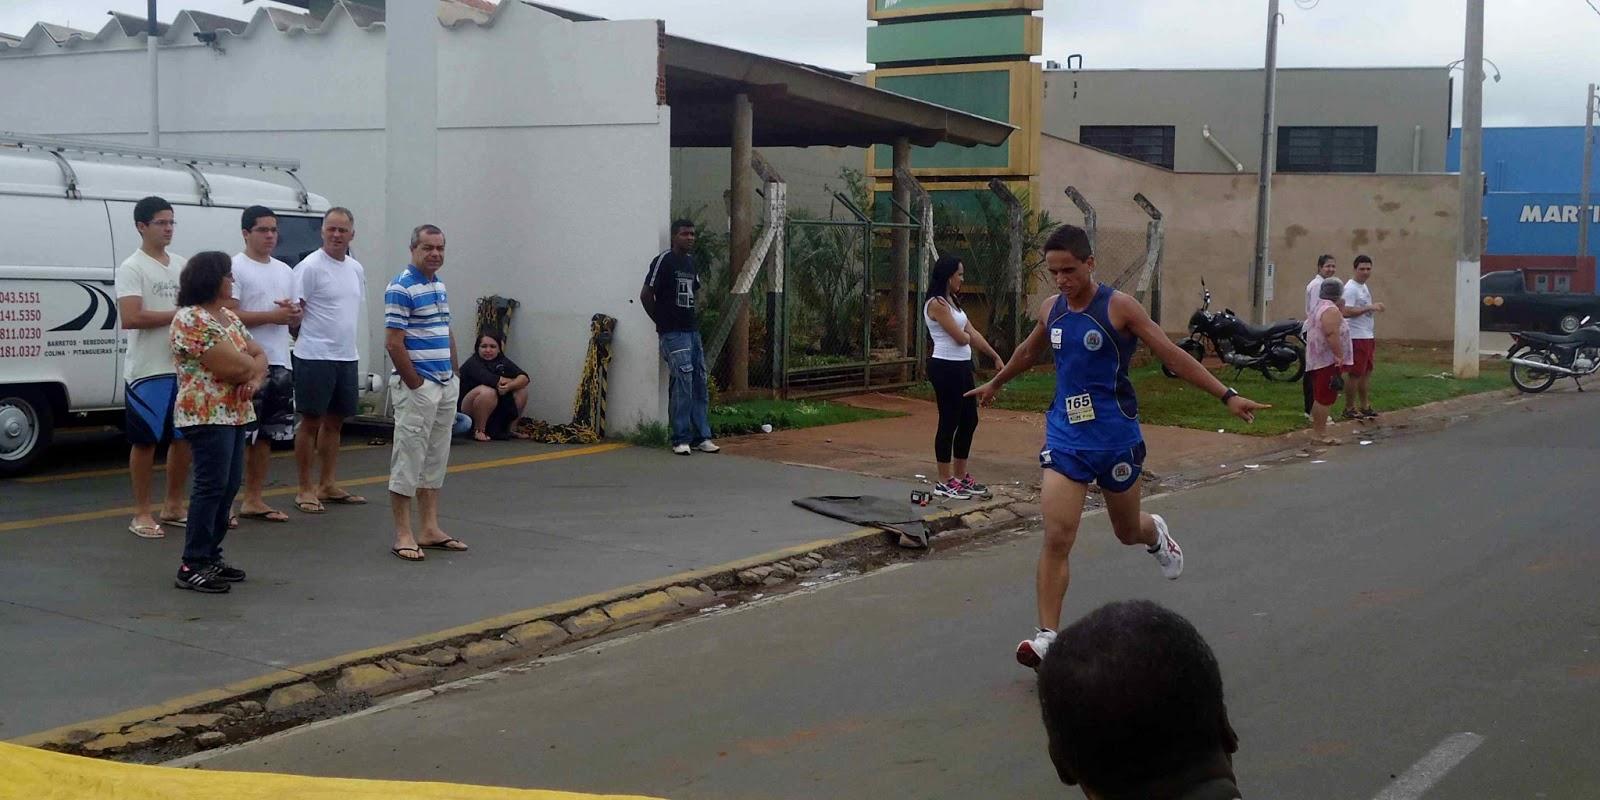 Foto 75 da 1ª Corrida Av. dos Coqueiros em Barretos-SP 14/04/2013 – Atletas cruzando a linha de chegada